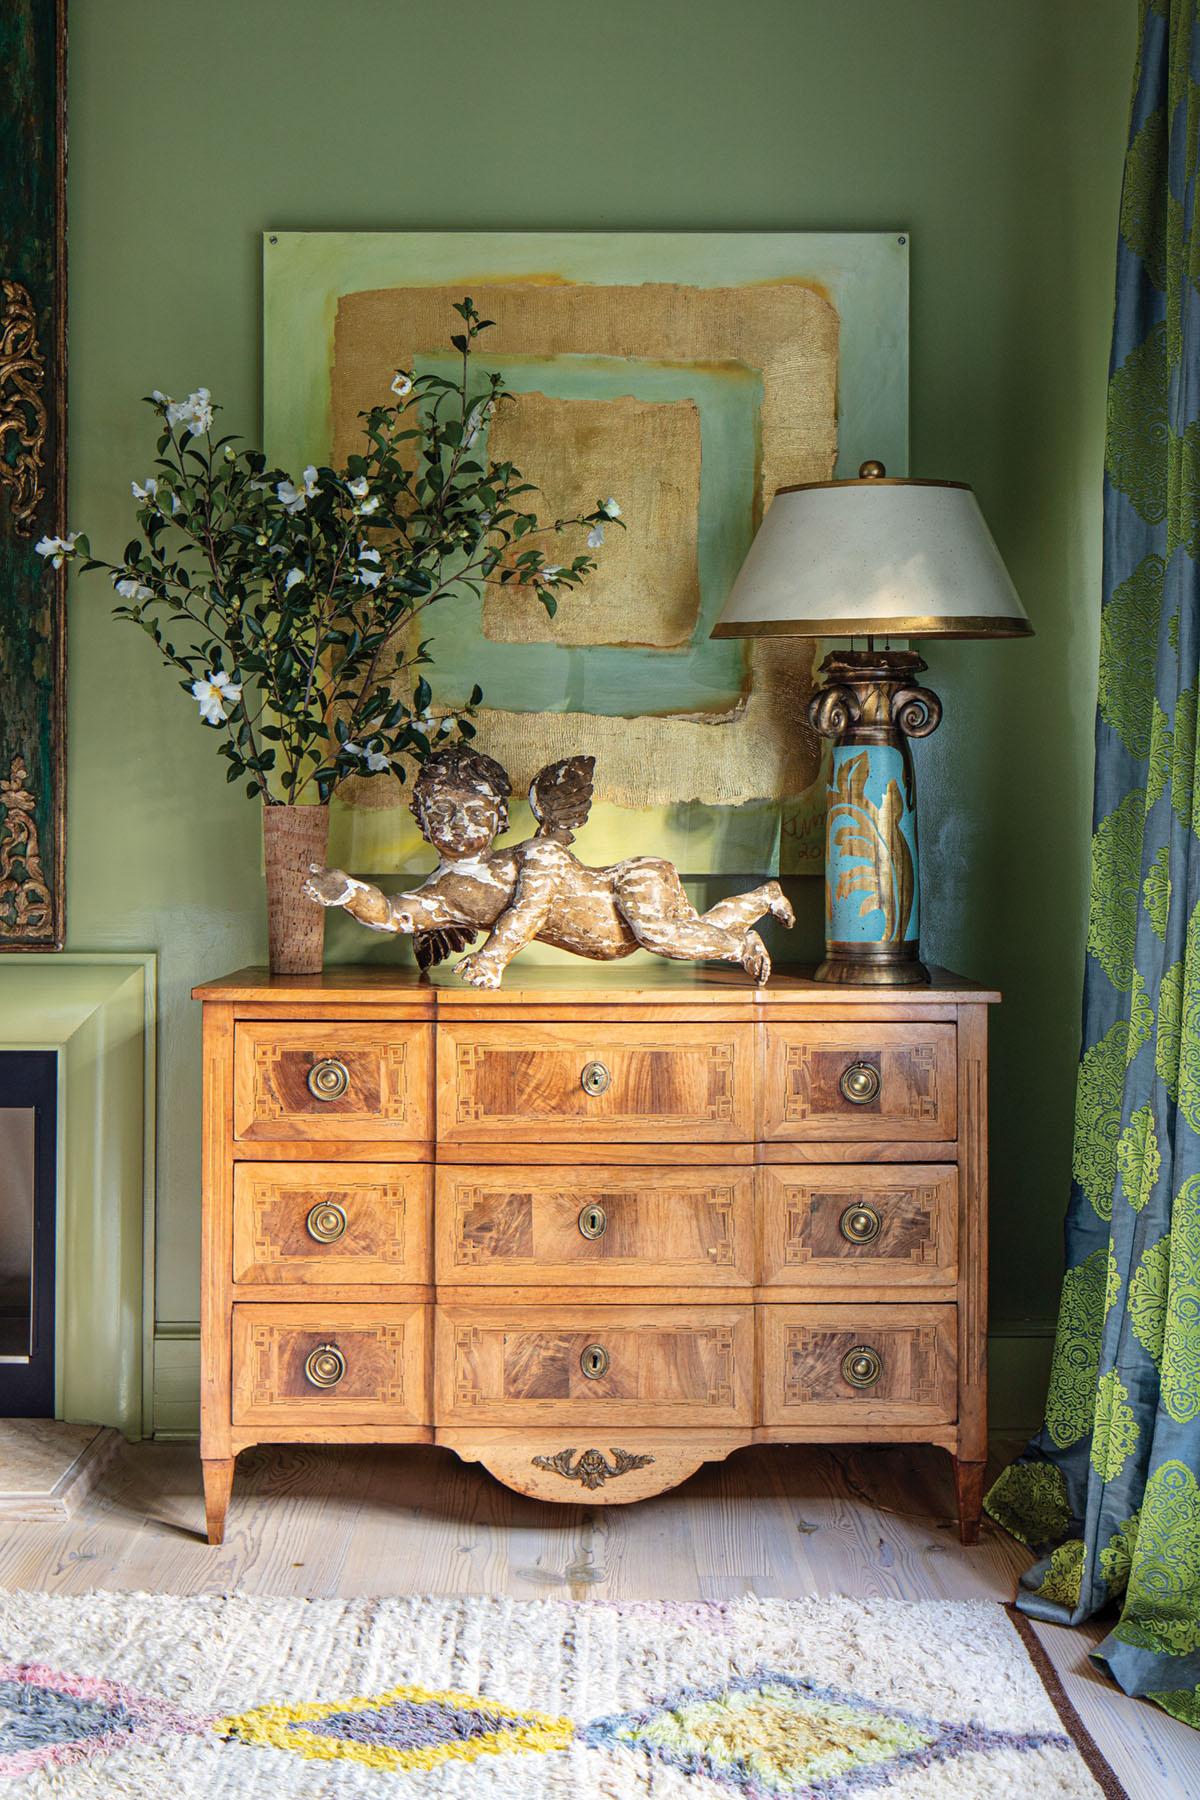 antique chest, cherub